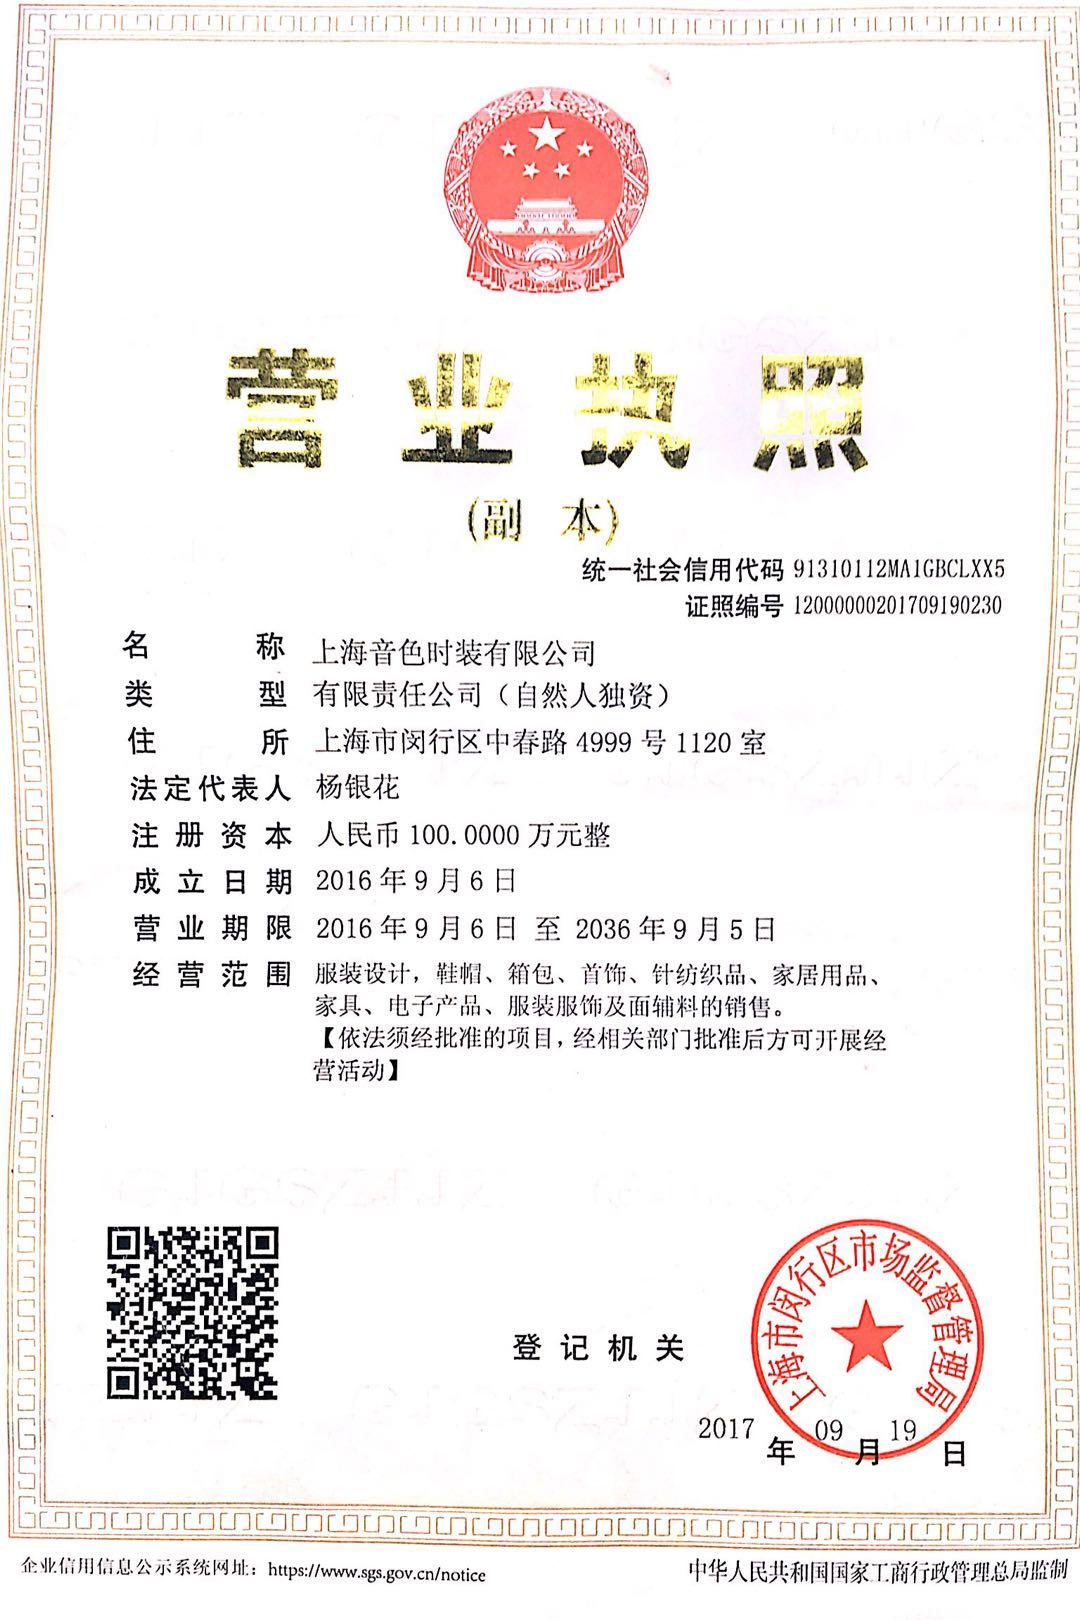 上海音色时装有限公司企业档案